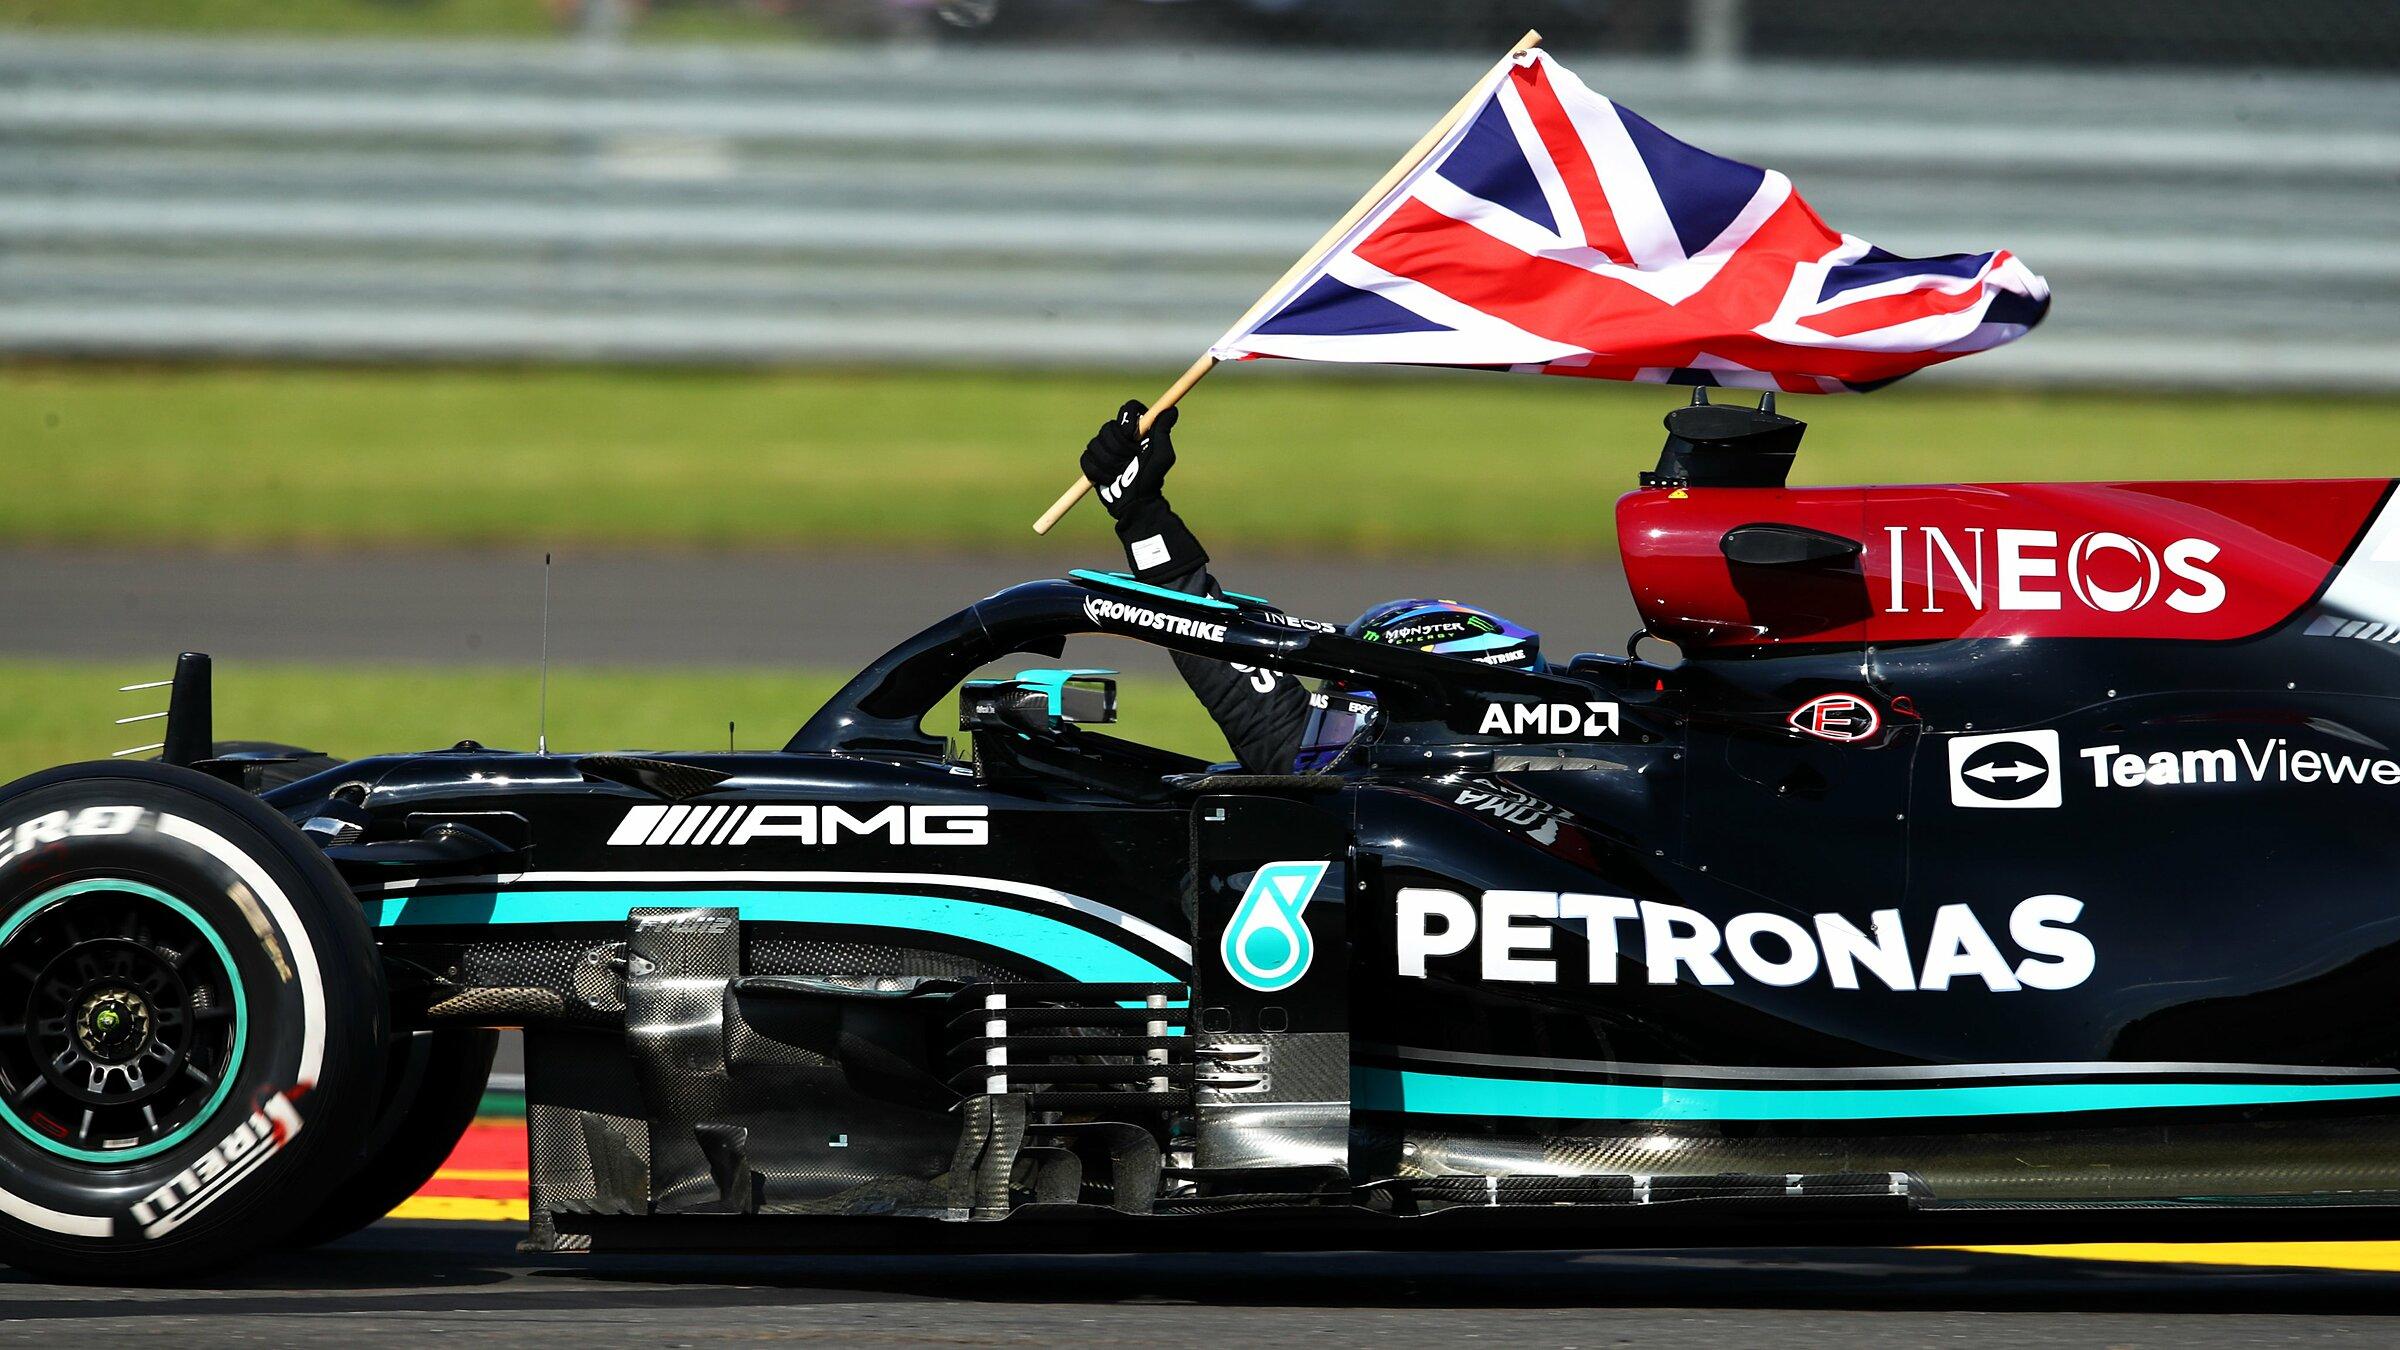 Hamilton merayakan kemenangan di Silverstone.  Foto: F1